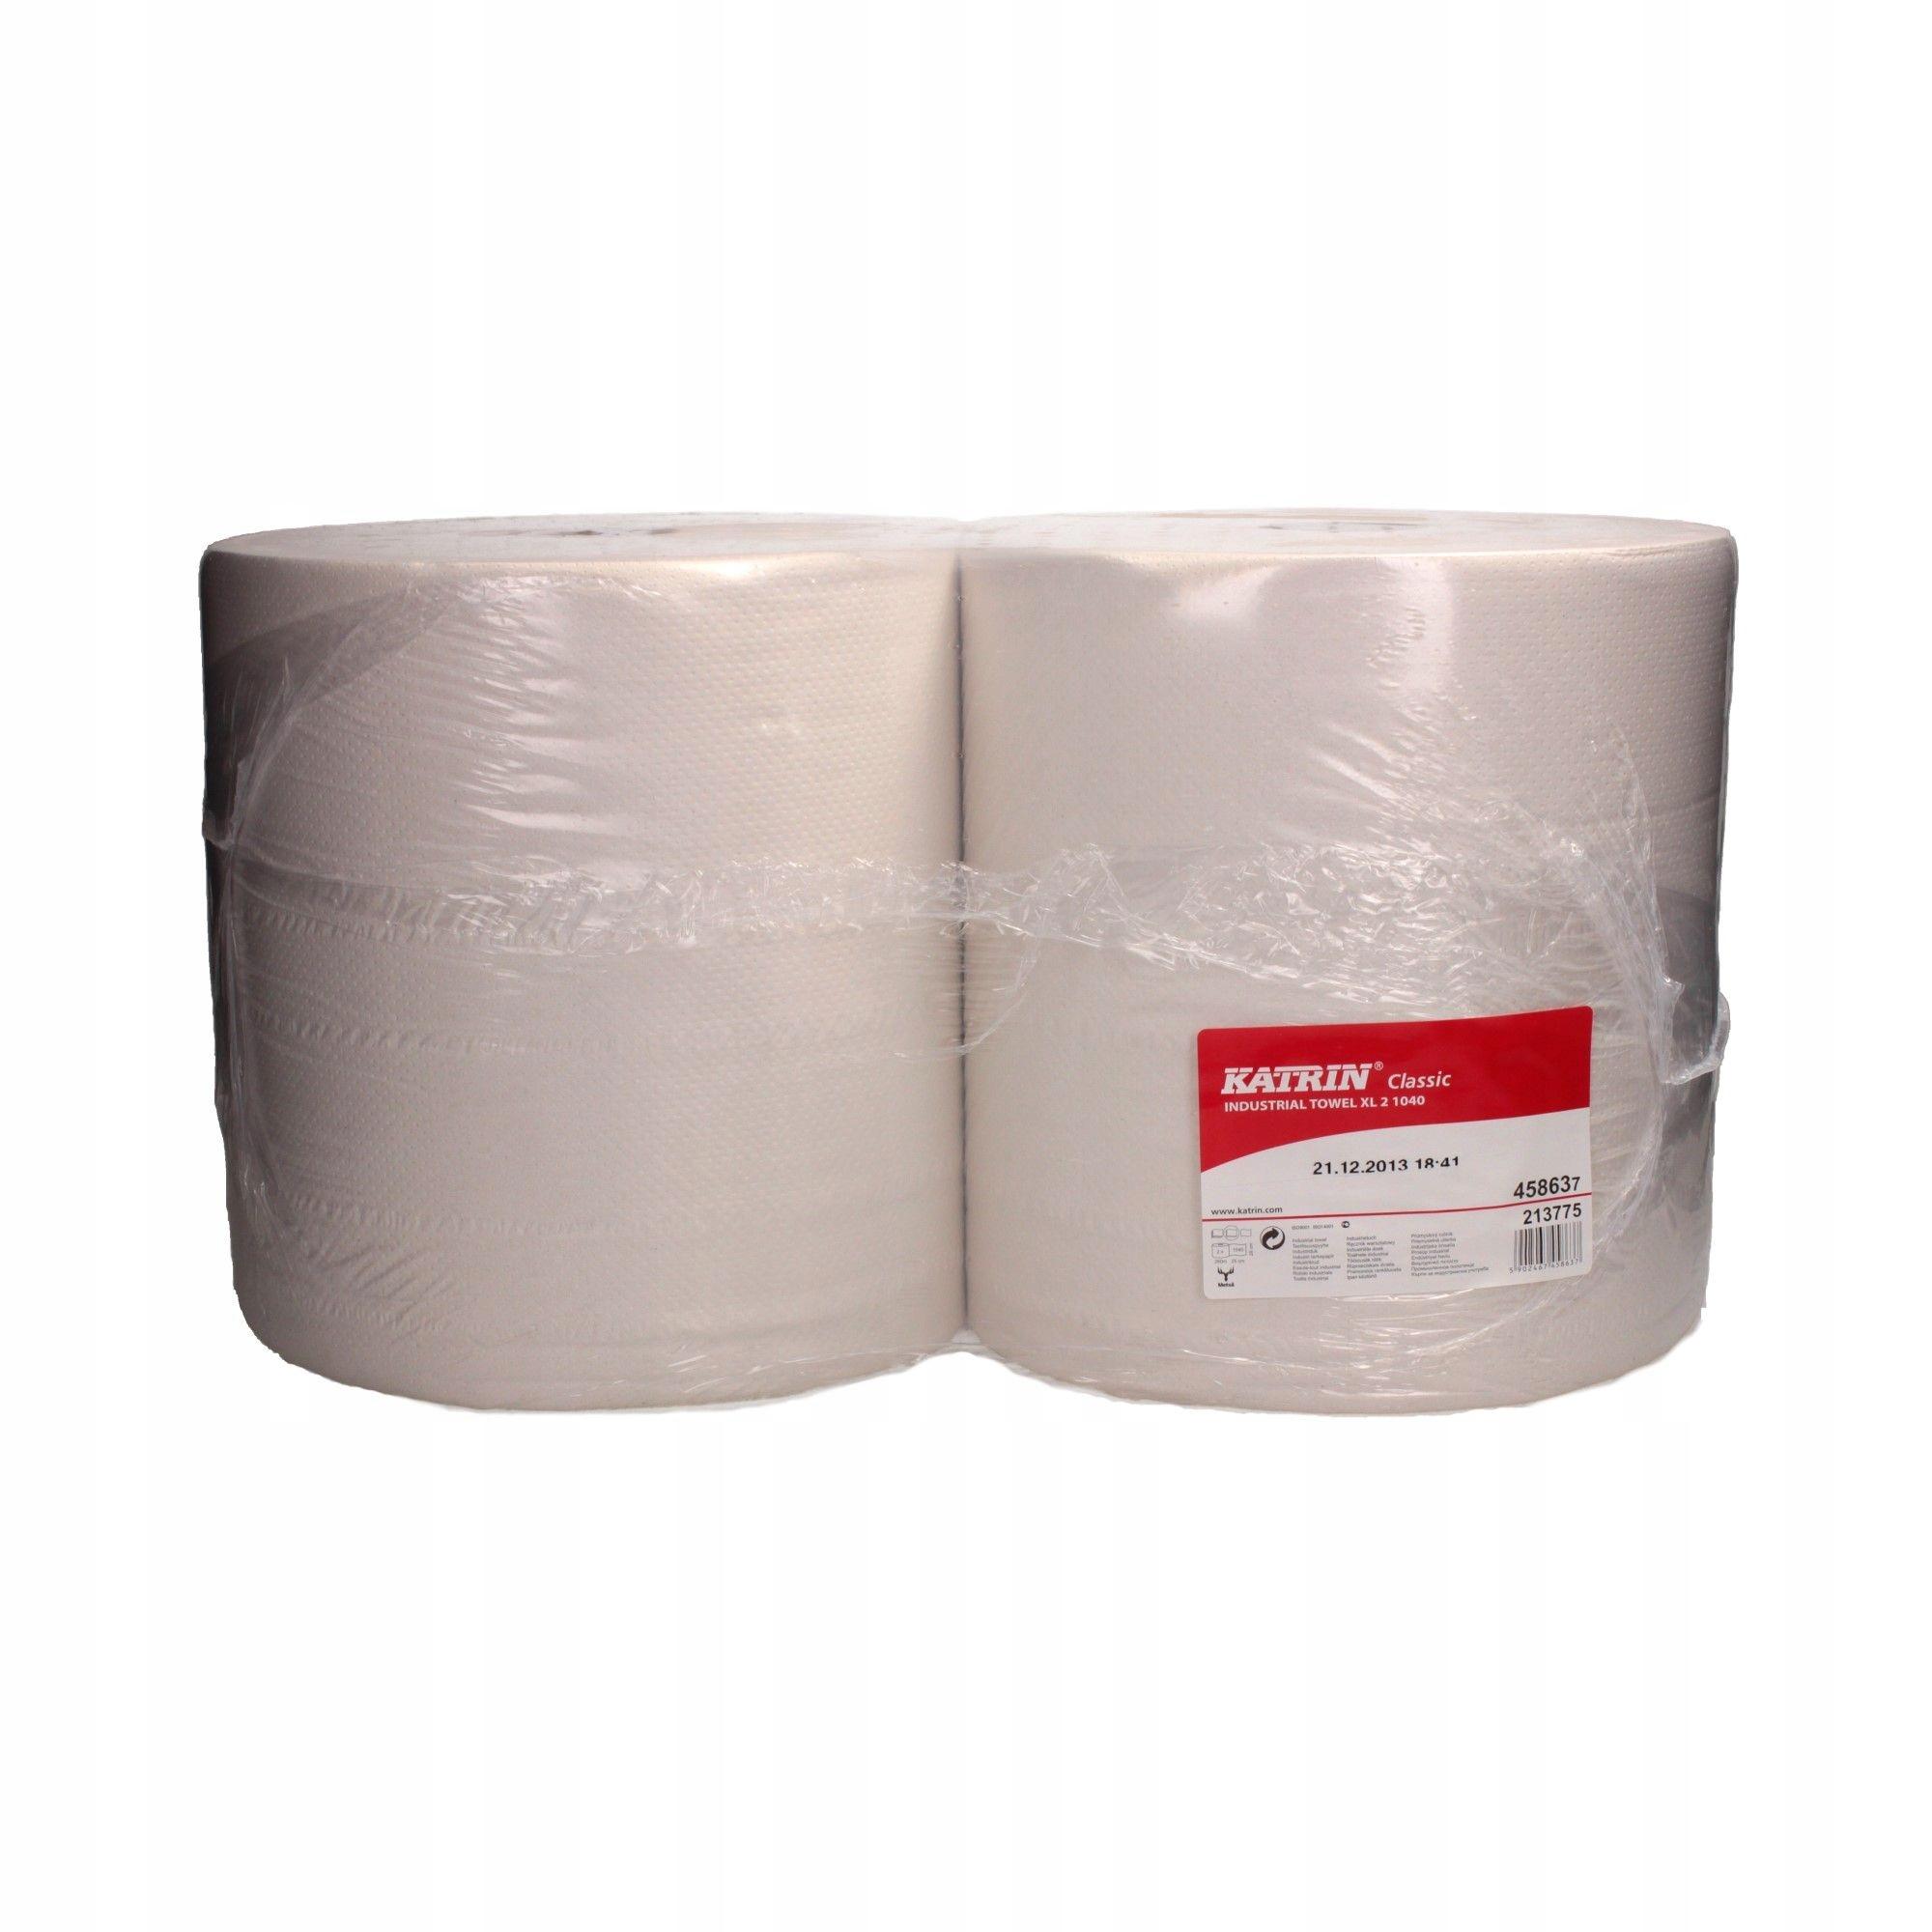 Czyściwo papierowe przemysłowe 2w białe Katrin (2)